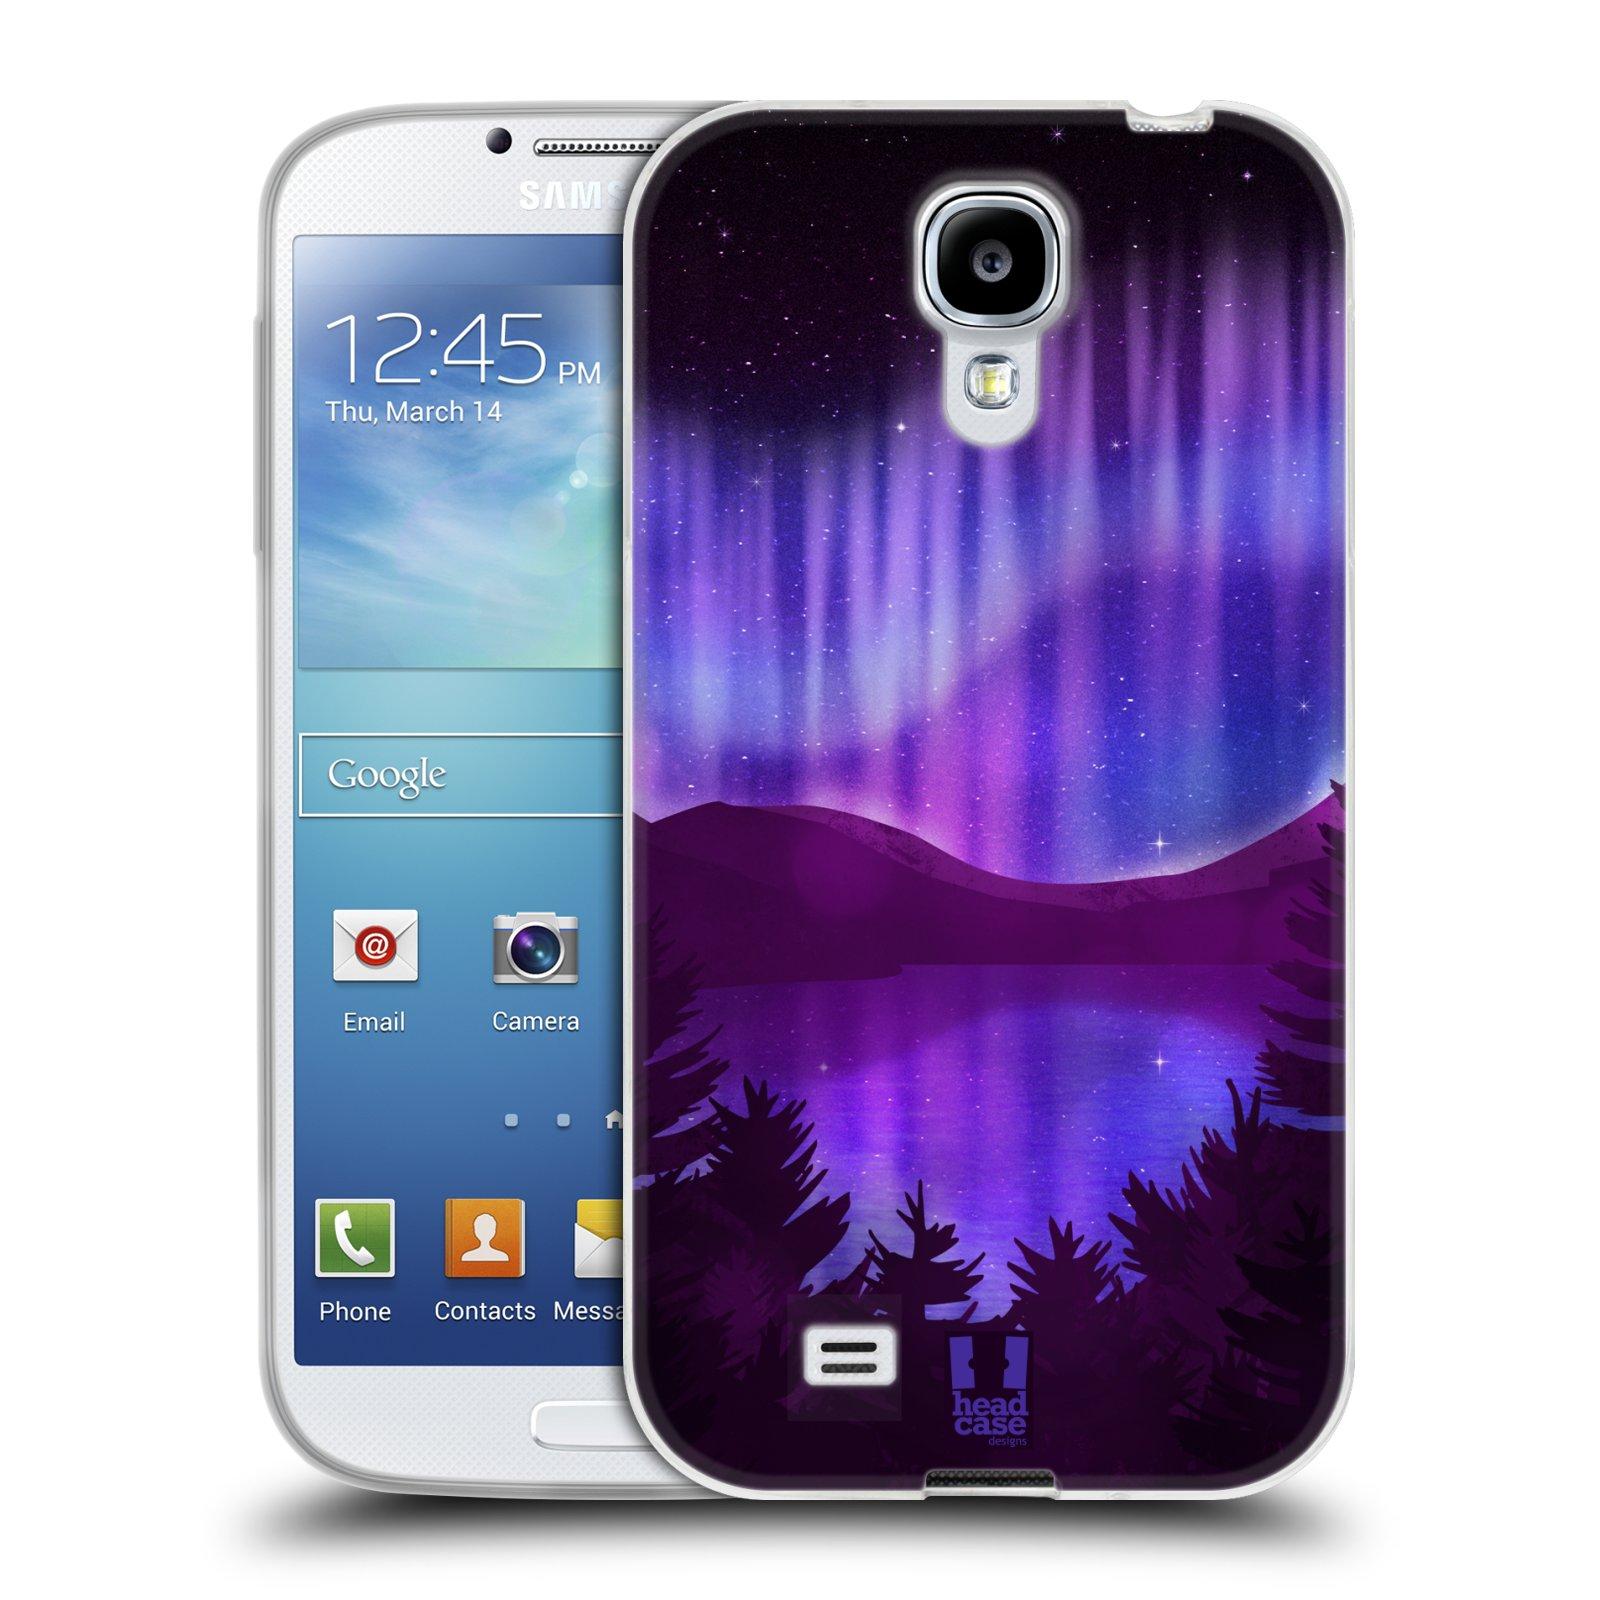 Silikonové pouzdro na mobil Samsung Galaxy S4 HEAD CASE Polární Záře Nad Jezerem (Silikonový kryt či obal na mobilní telefon Samsung Galaxy S4 GT-i9505 / i9500)